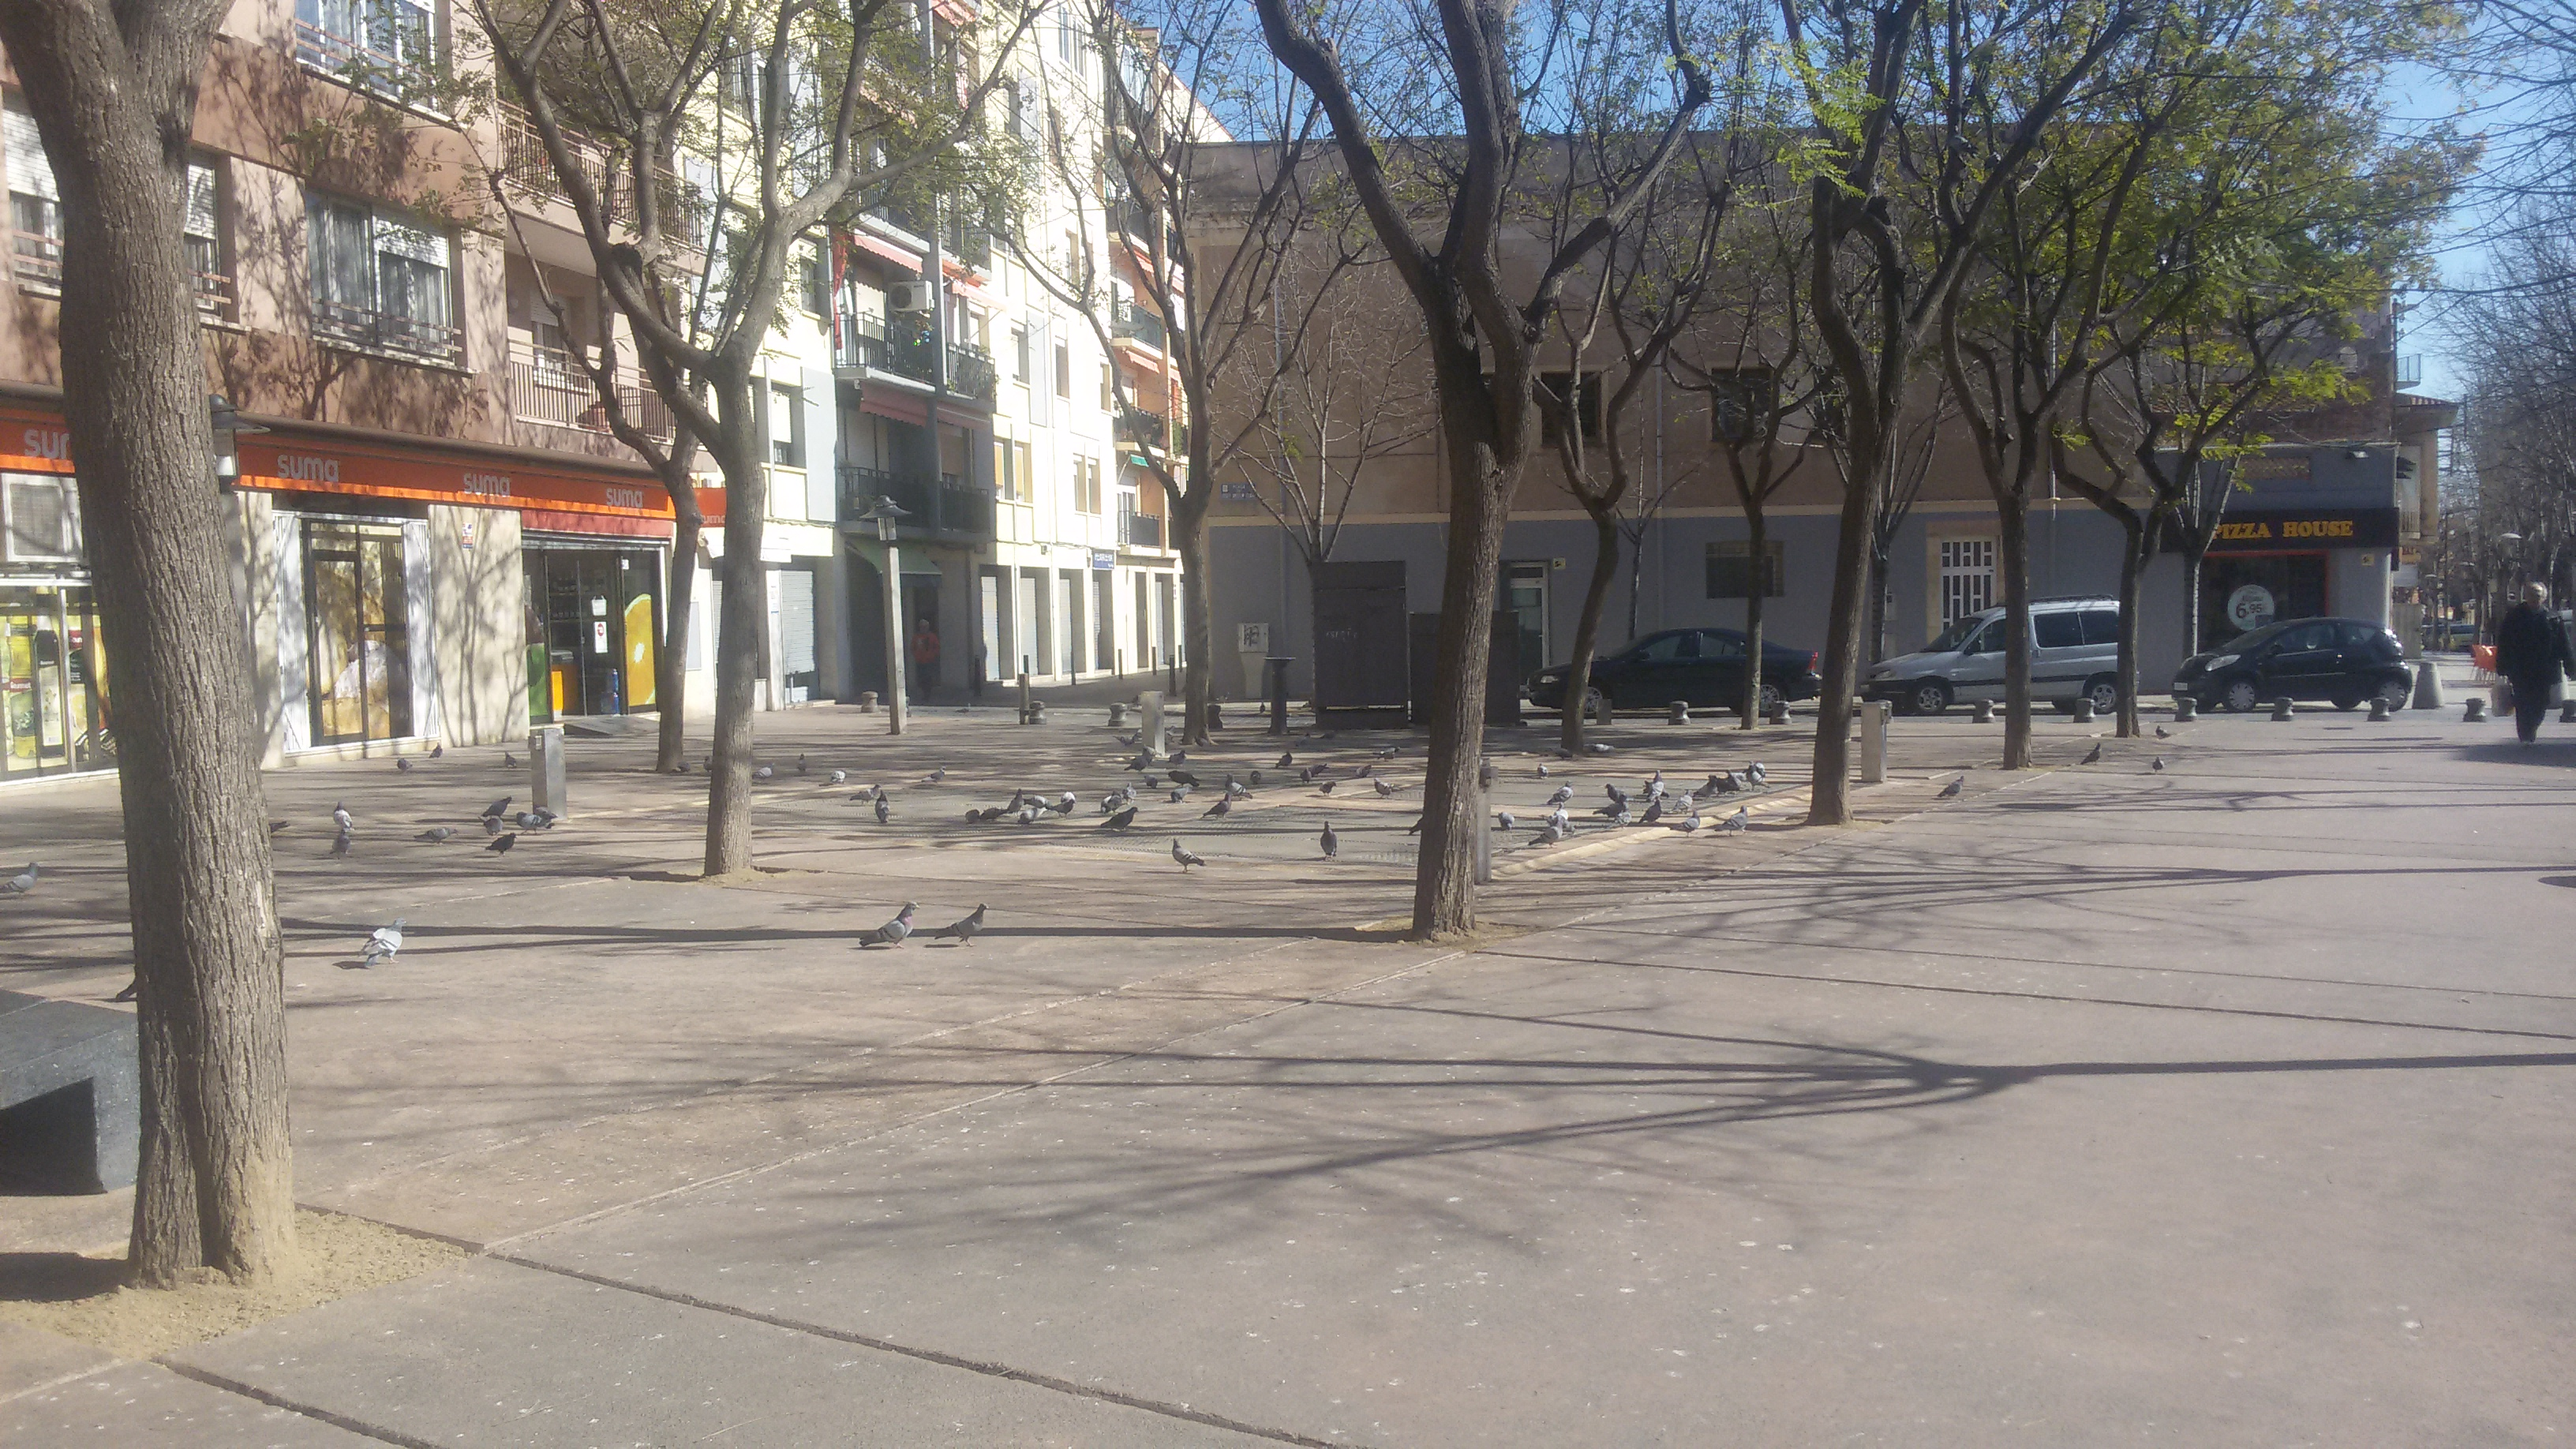 Piso en venta en Reus, Tarragona, Calle Riera de Miro, 120.000 €, 3 habitaciones, 1 baño, 100 m2